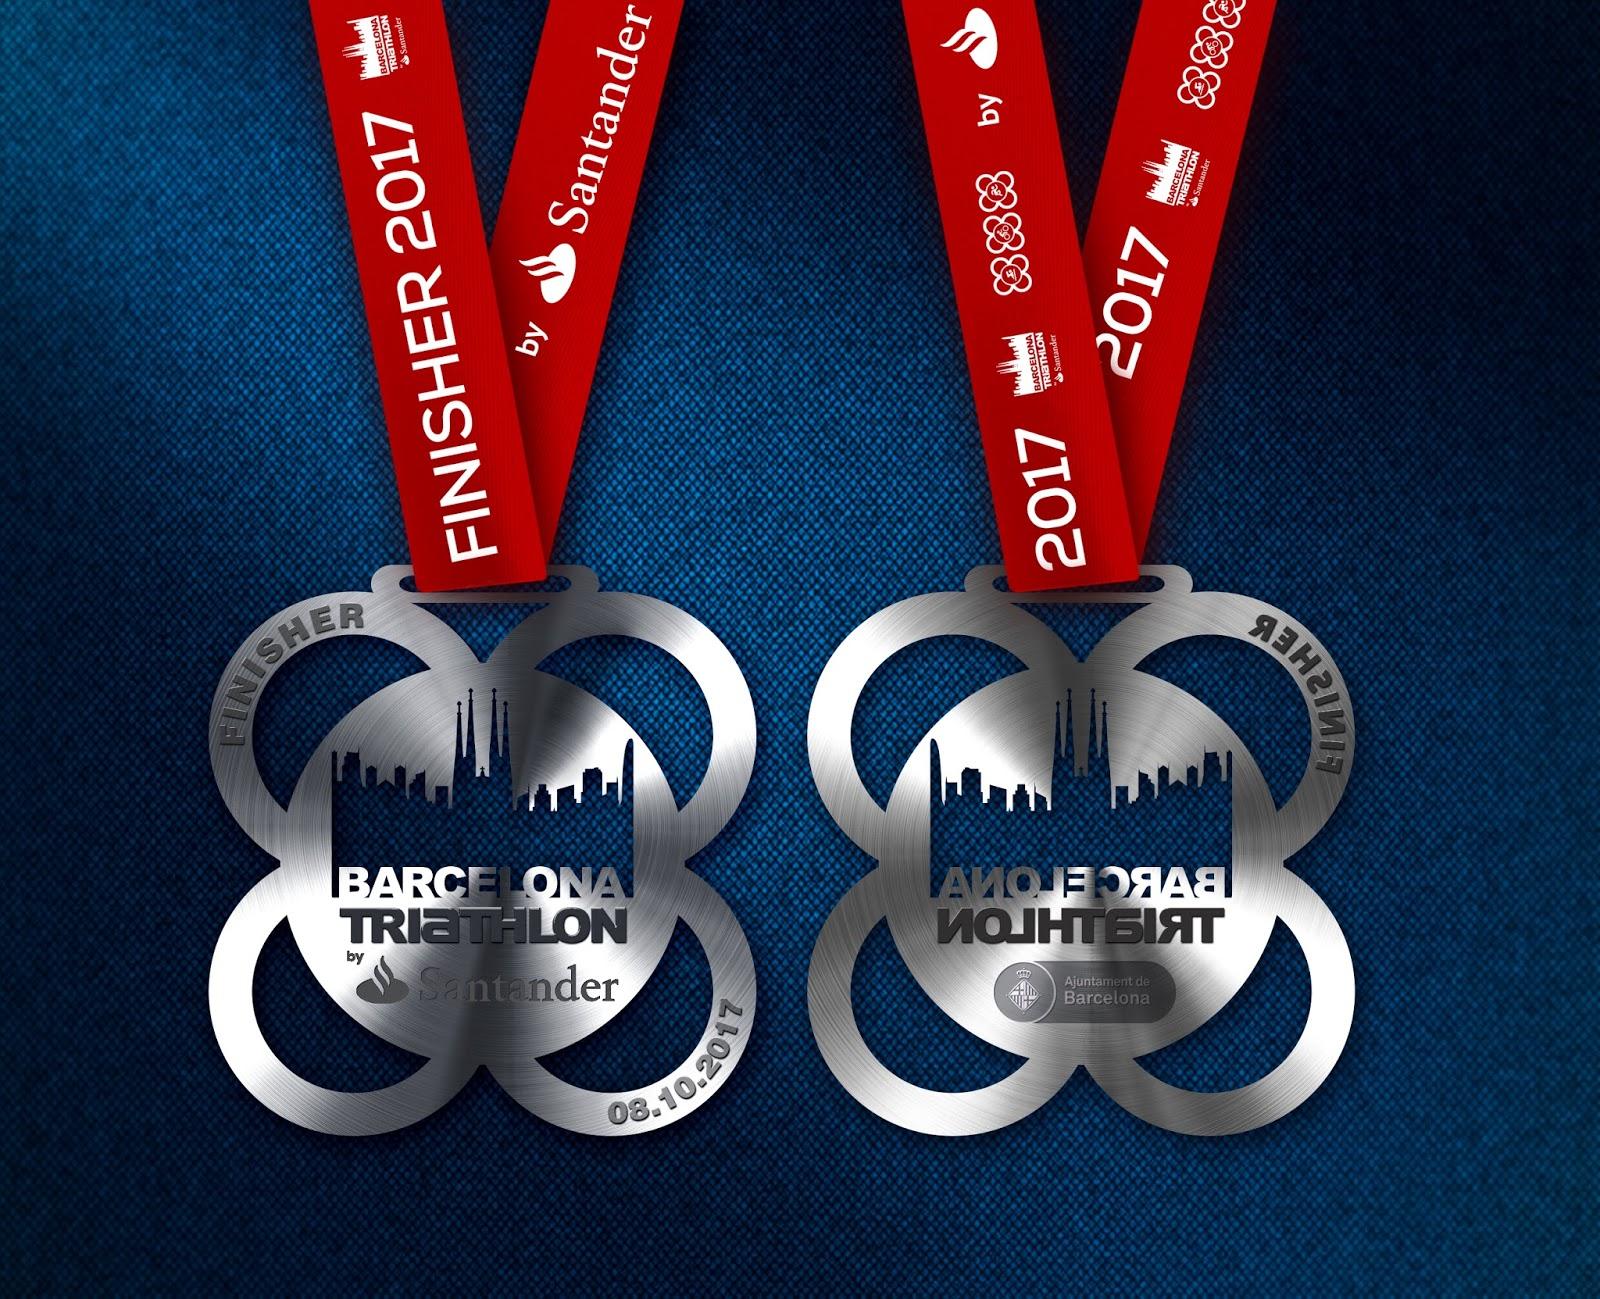 Medalla finisher Barcelona Triathlon by Santander 2017